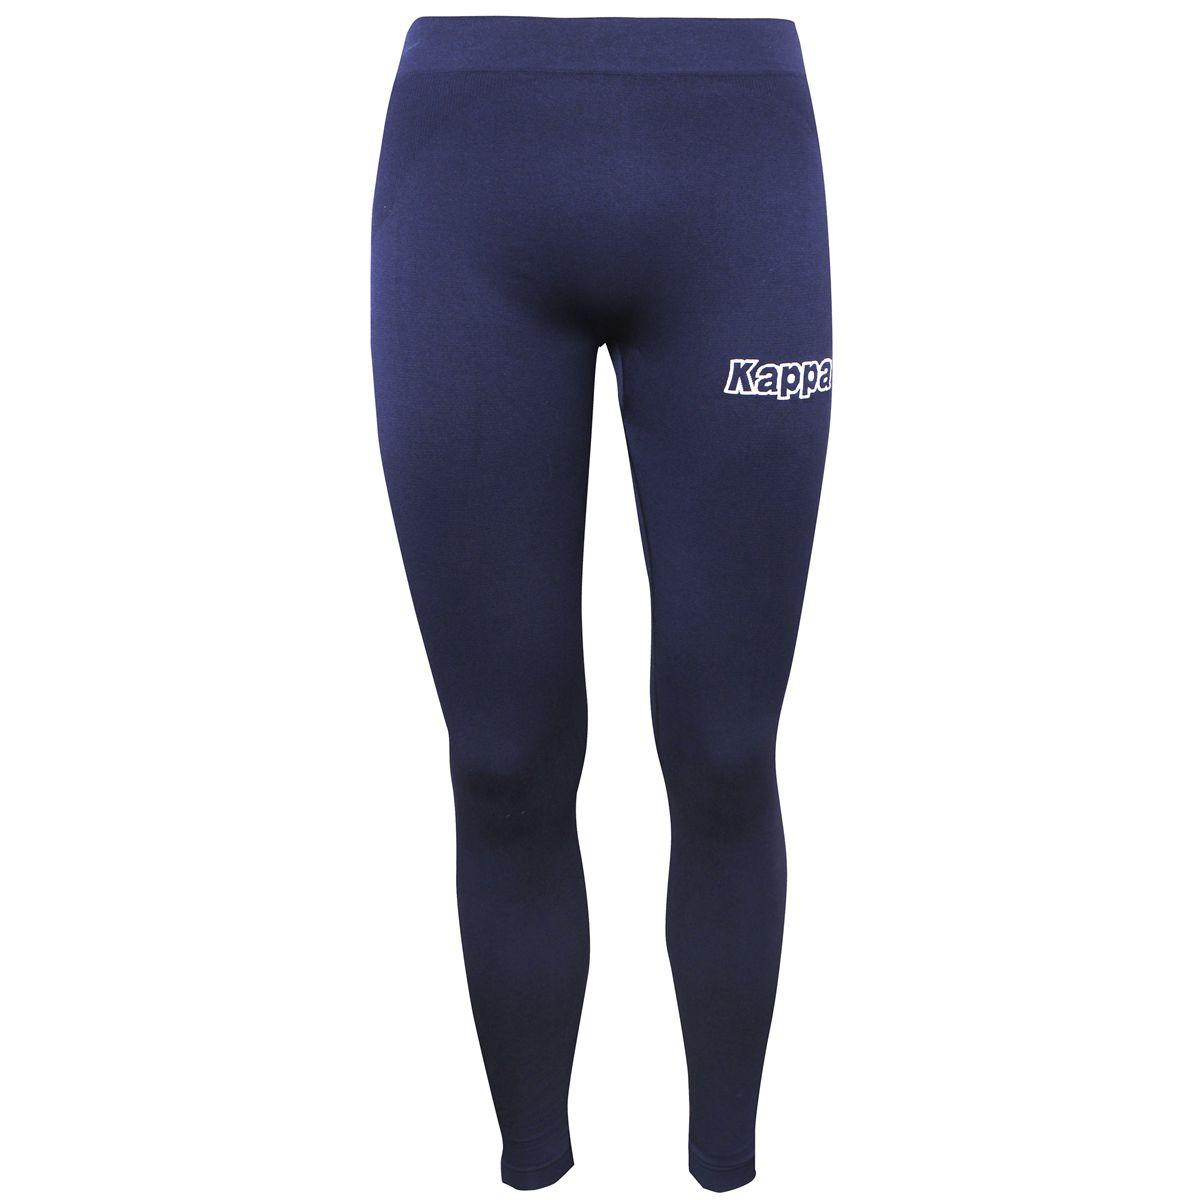 Kappa Underpants underwear KAPPA4SKIN KOMBAT ZEEPER Man Long